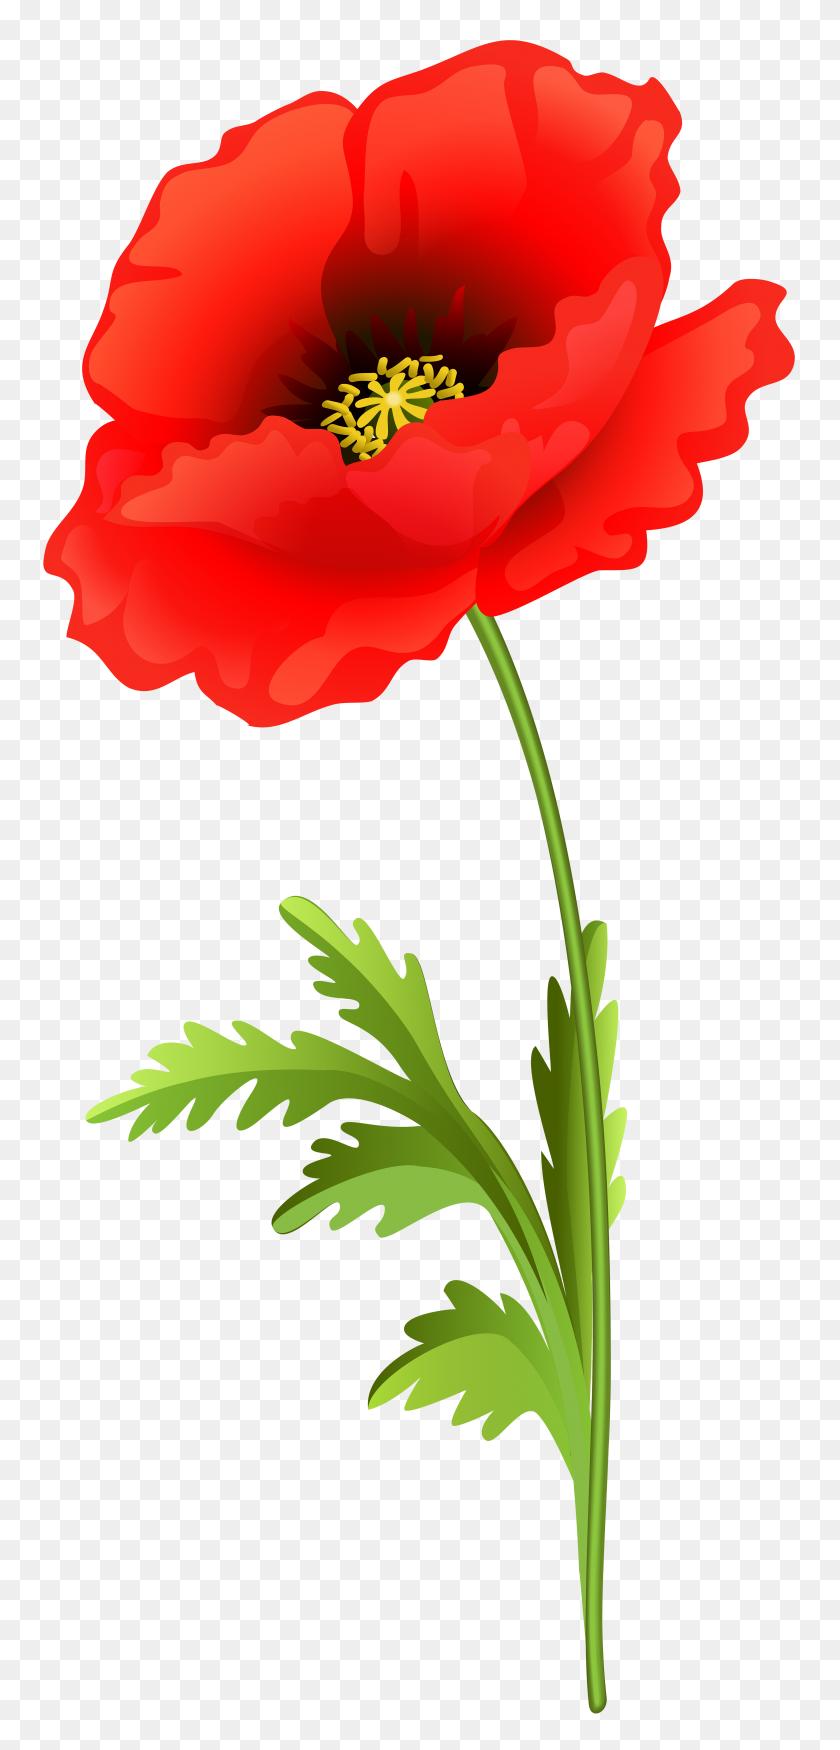 Poppy Flower Png Clip Art - Poppy Clipart